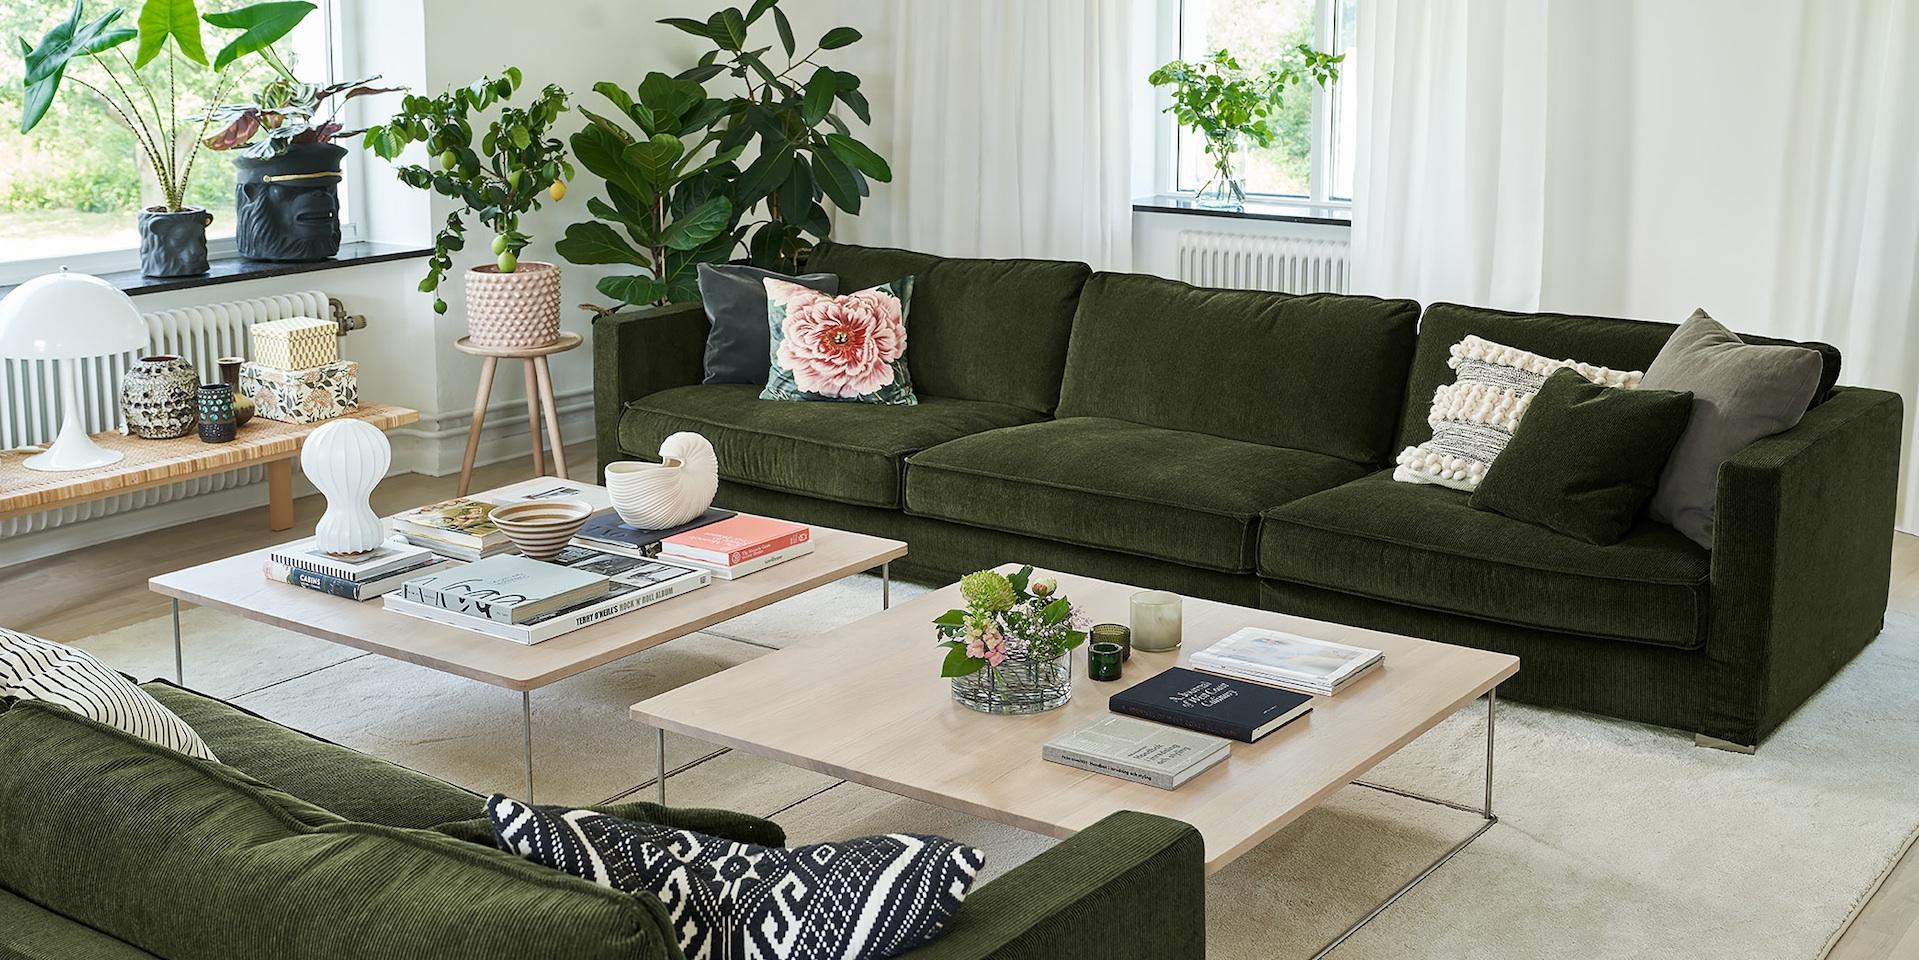 CLOUD_interior_set1_moss2_dark_green_3